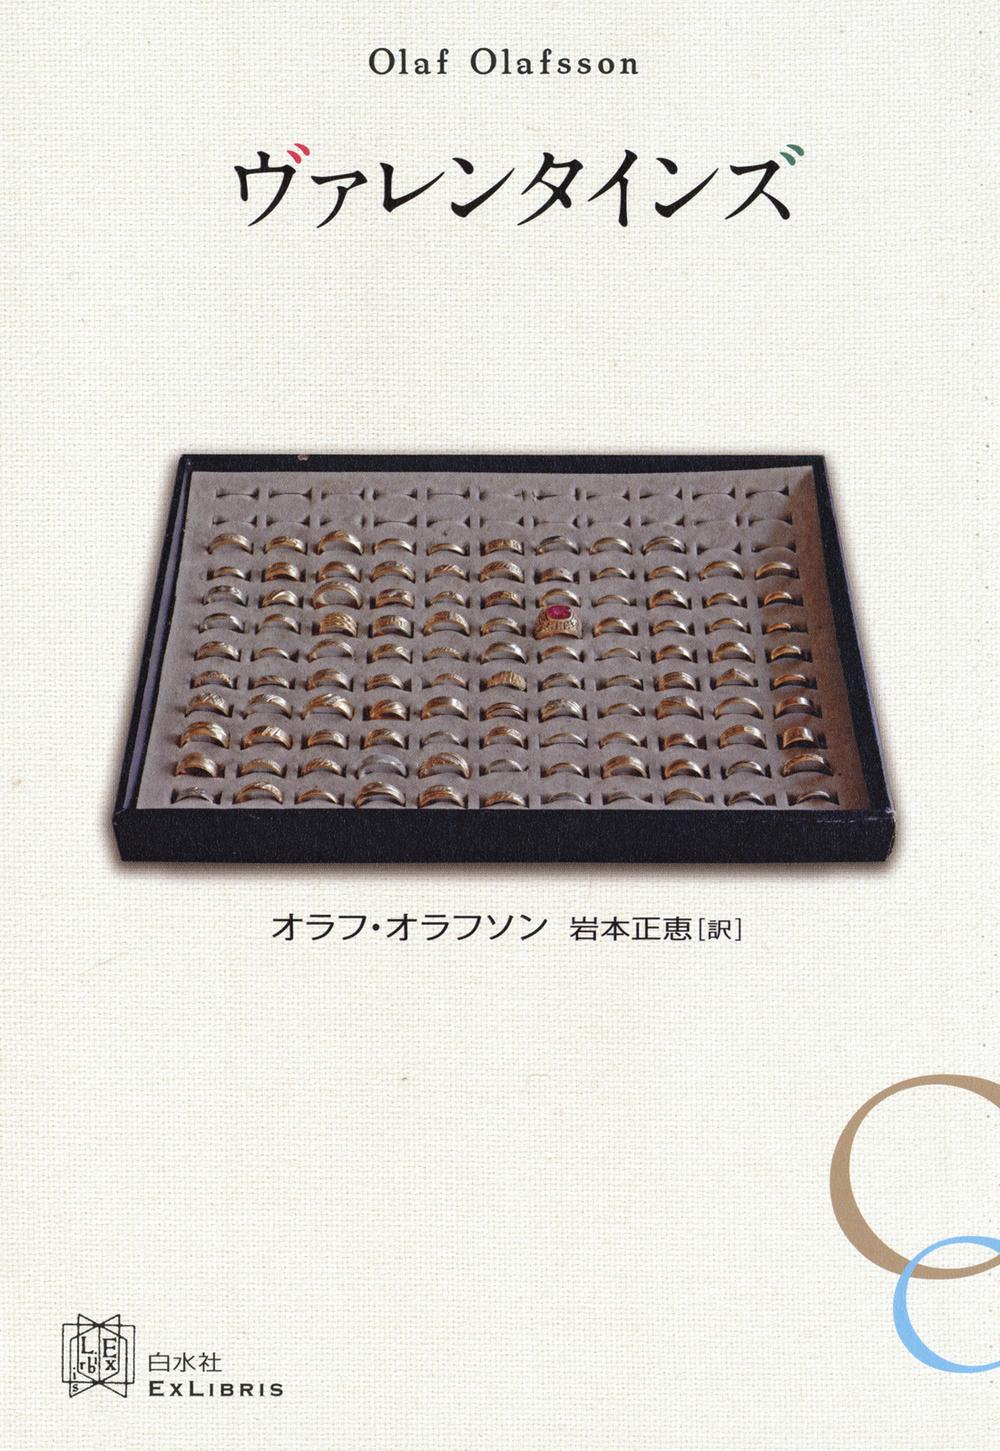 『ヴァレンタインズ』/オラフ・オラフソン(著)/岩本正恵(訳)/白水社刊